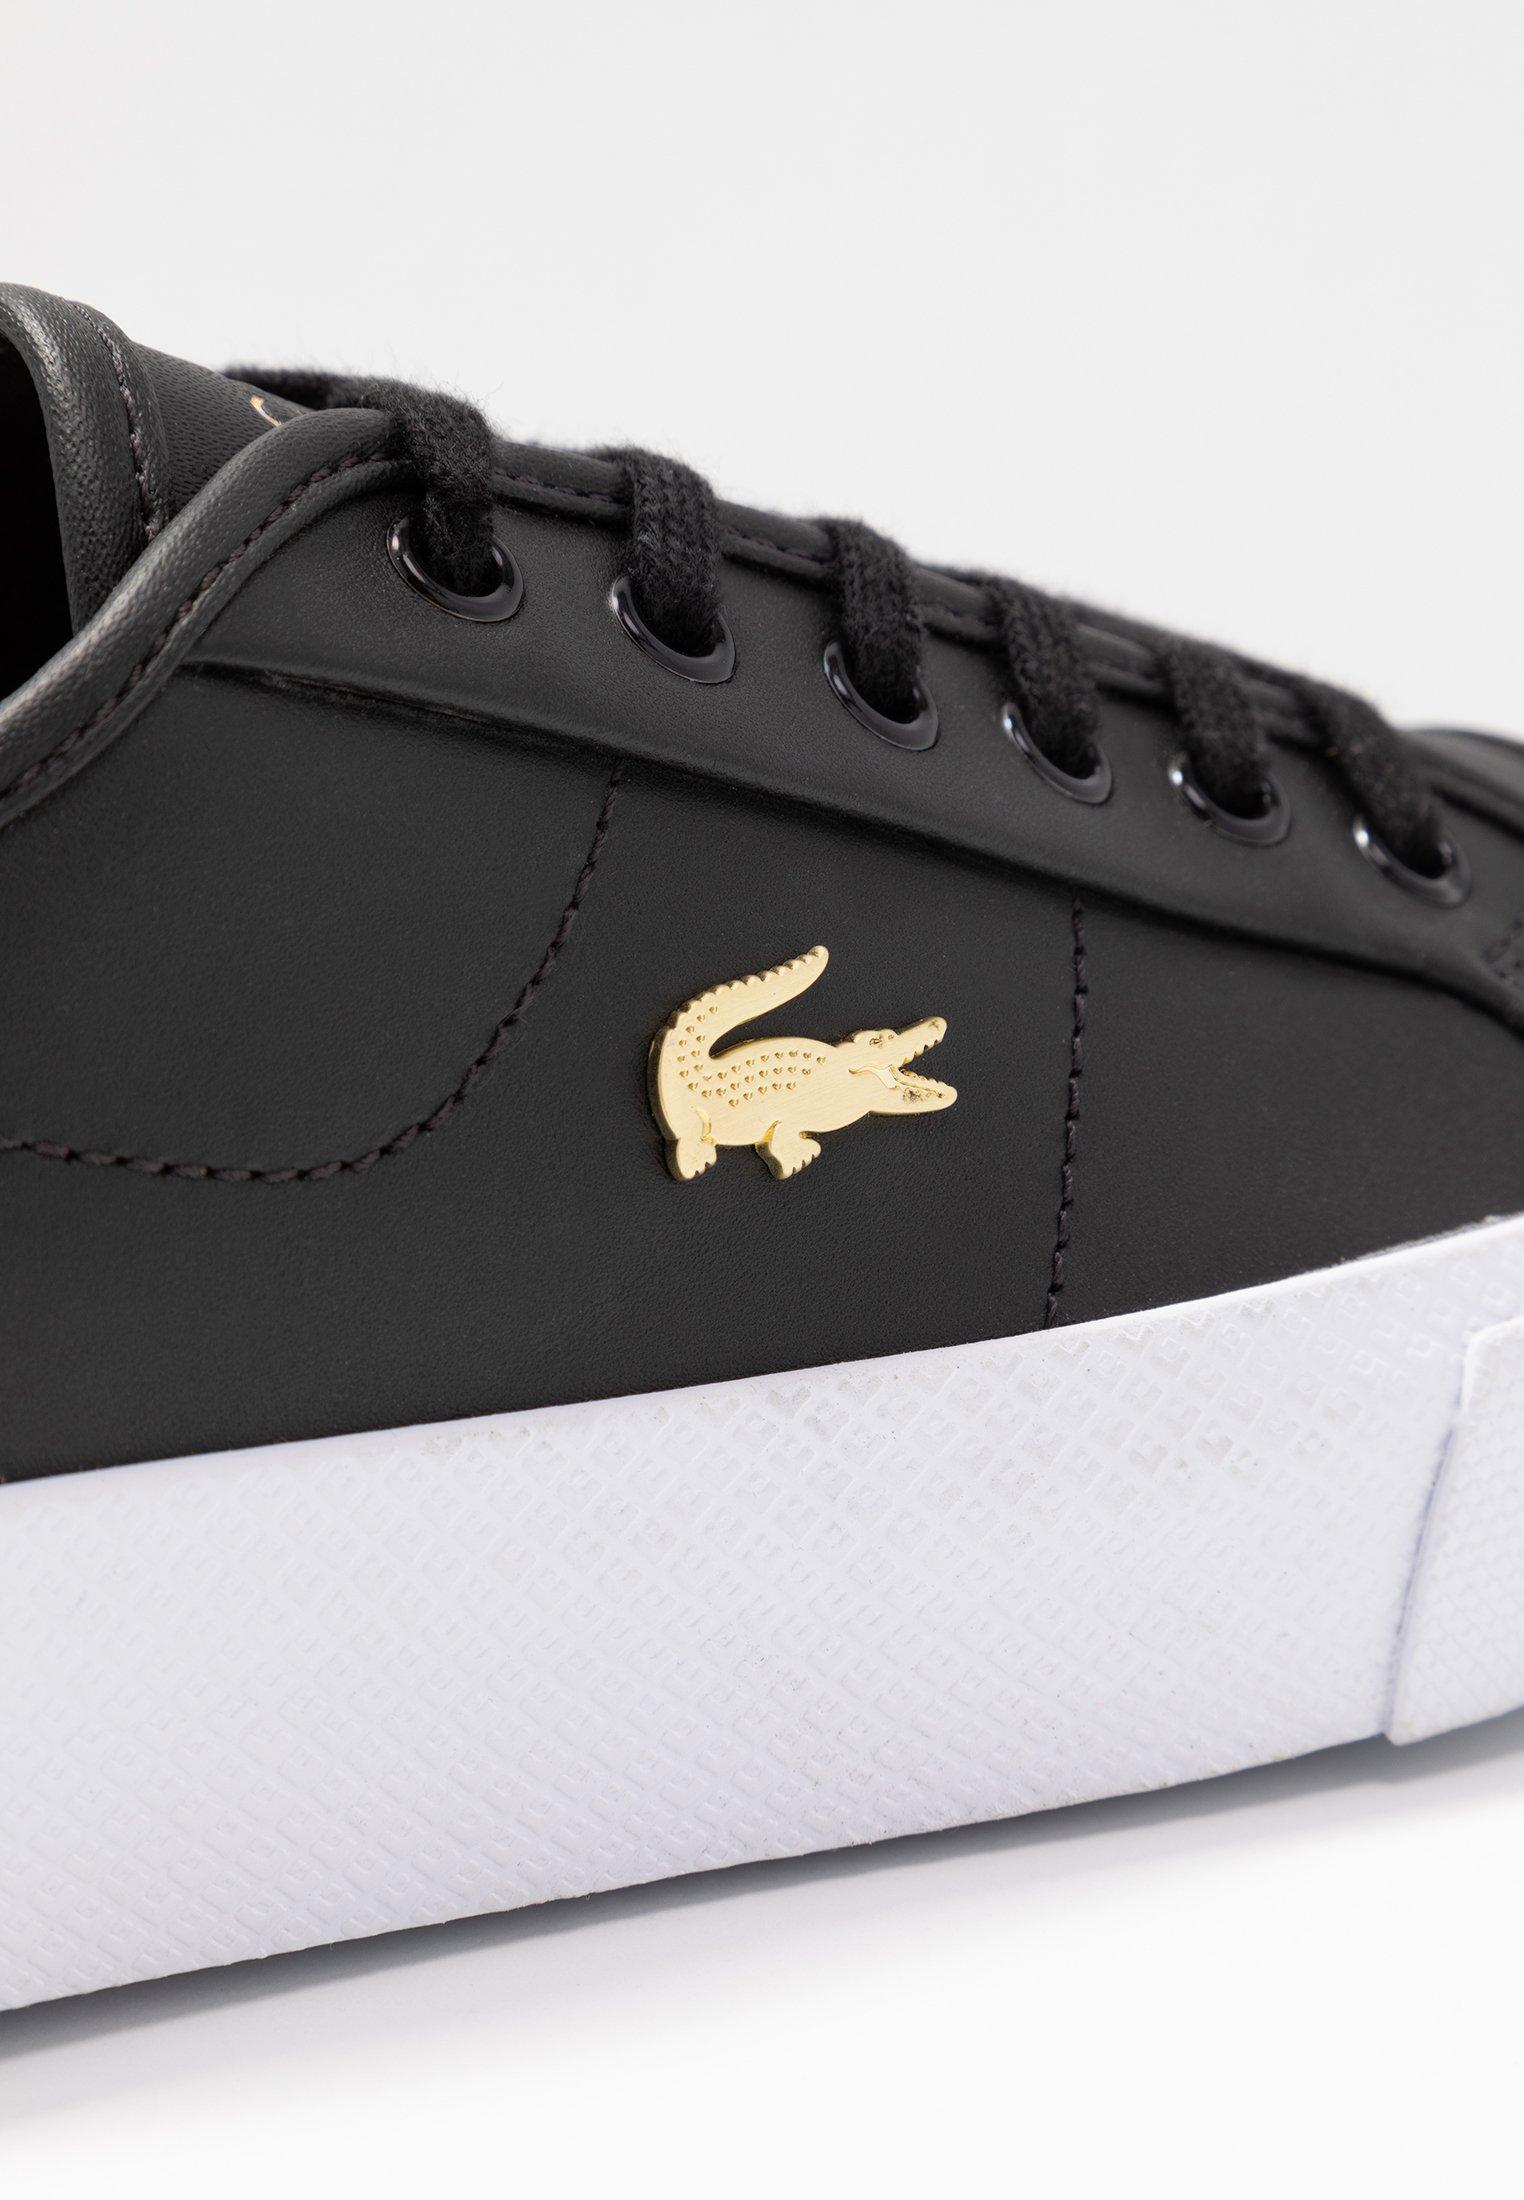 Lacoste ZIANE PLUS GRAND - Sneakers - black/white